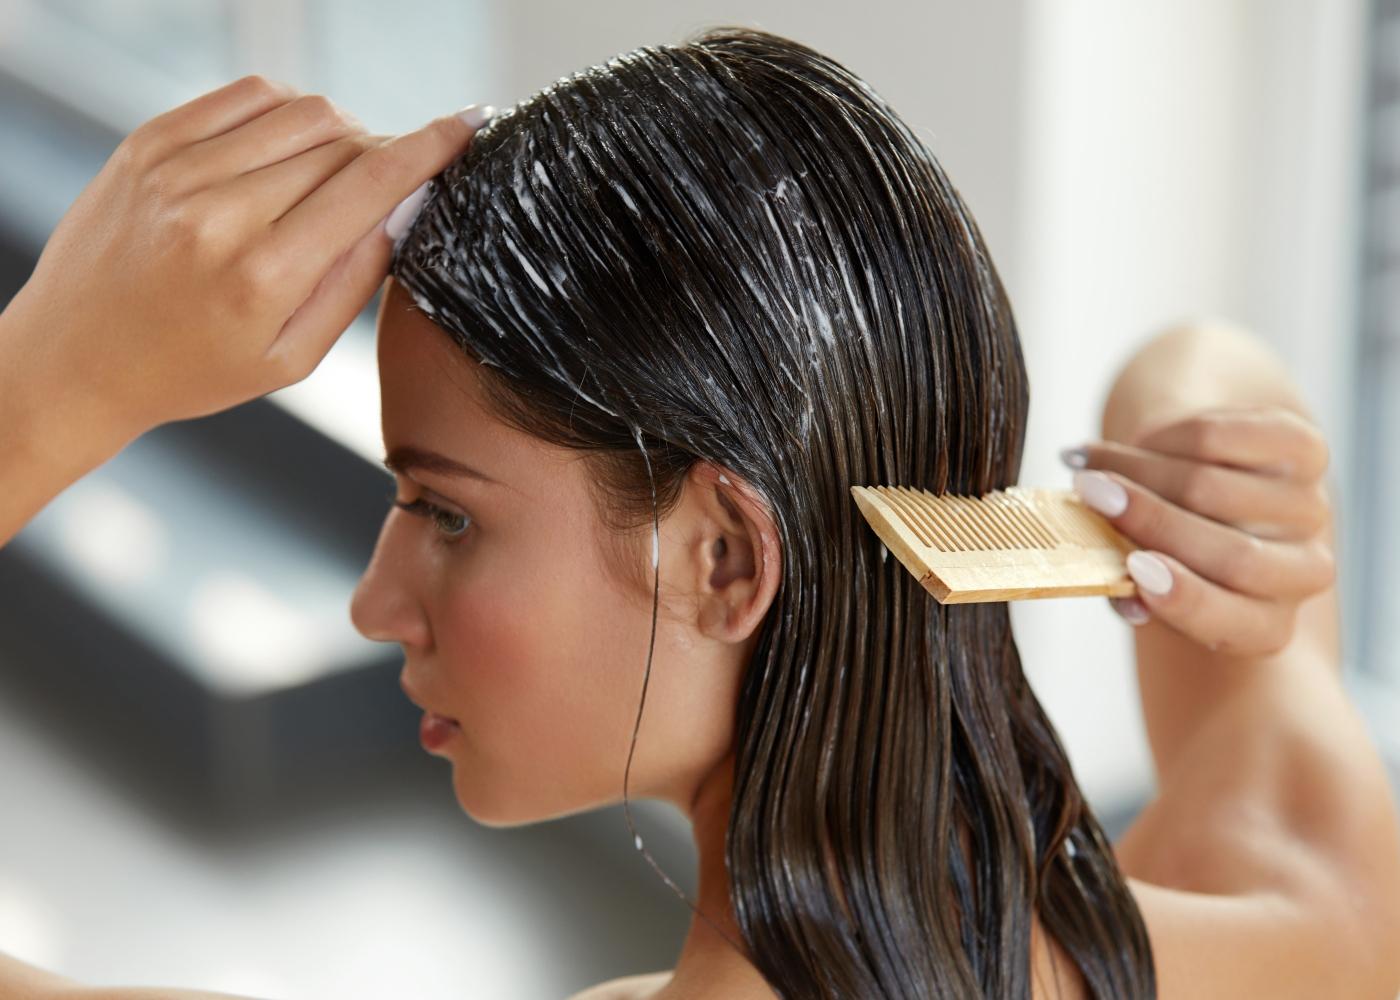 Mulher a aplicar máscara de cabelo caseira